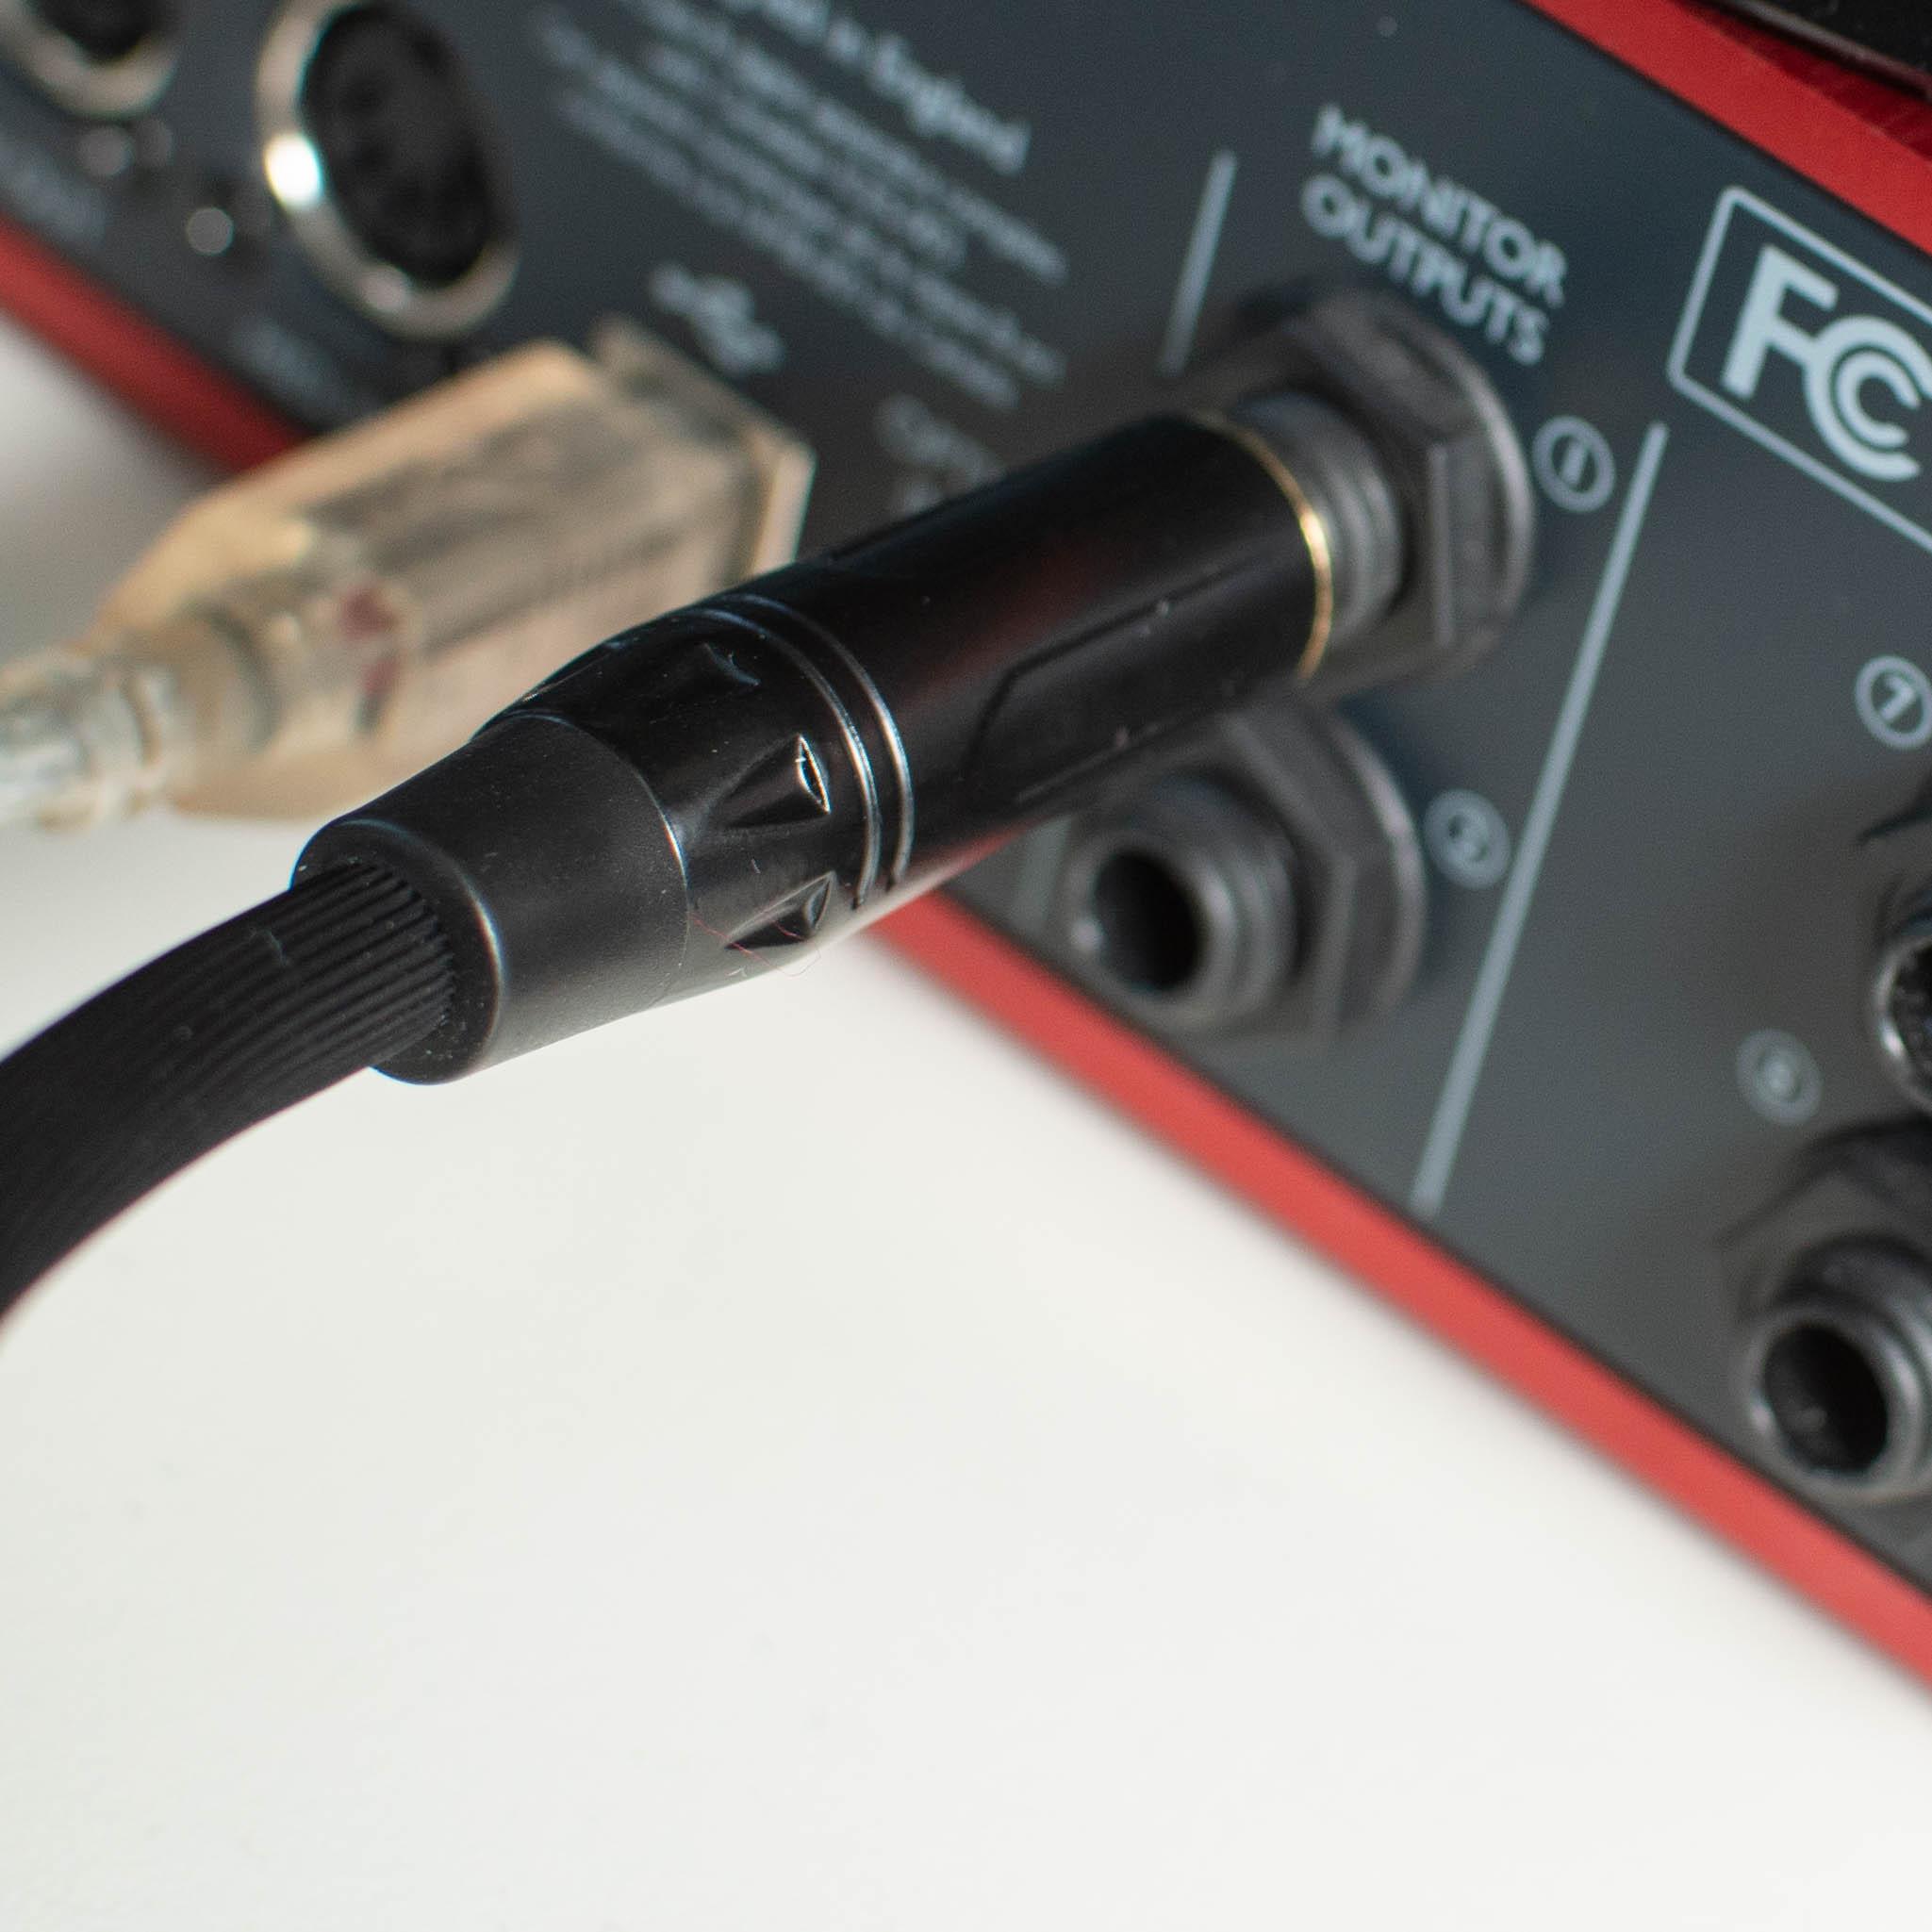 cavo quik lok just bilanciato scheda audio focusrite scarlett